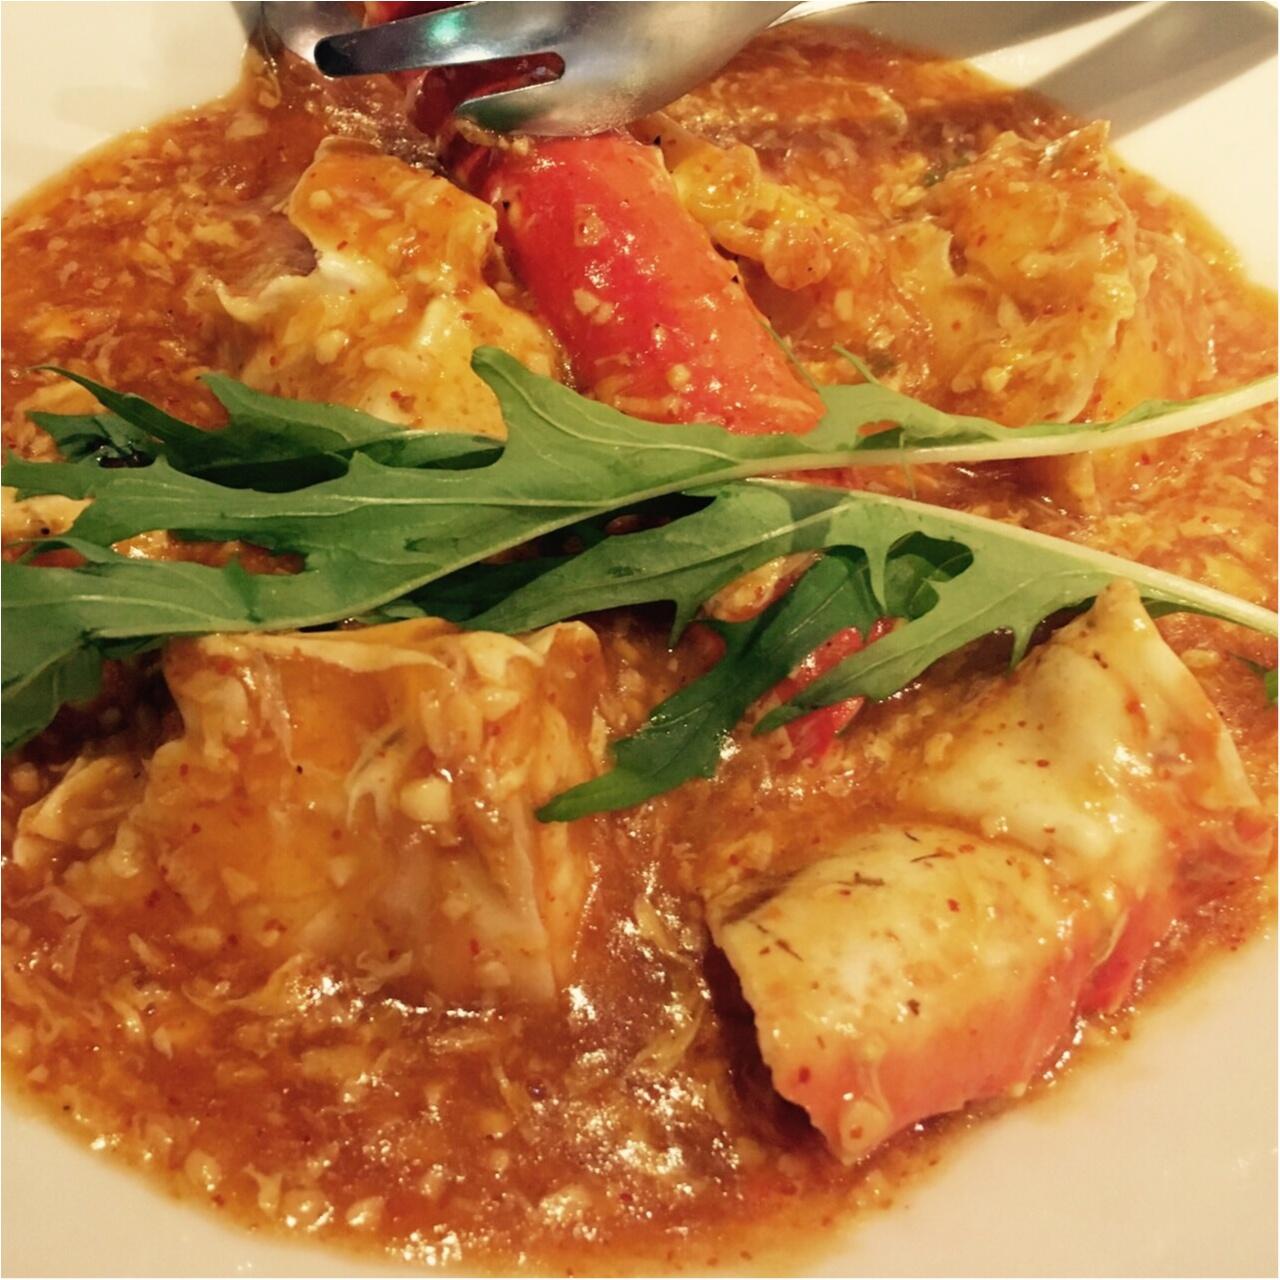 シンガポールの老舗レストランHILLMAN!本場の味を楽しむなら、ペーパー・チキンがおすすめ!_3